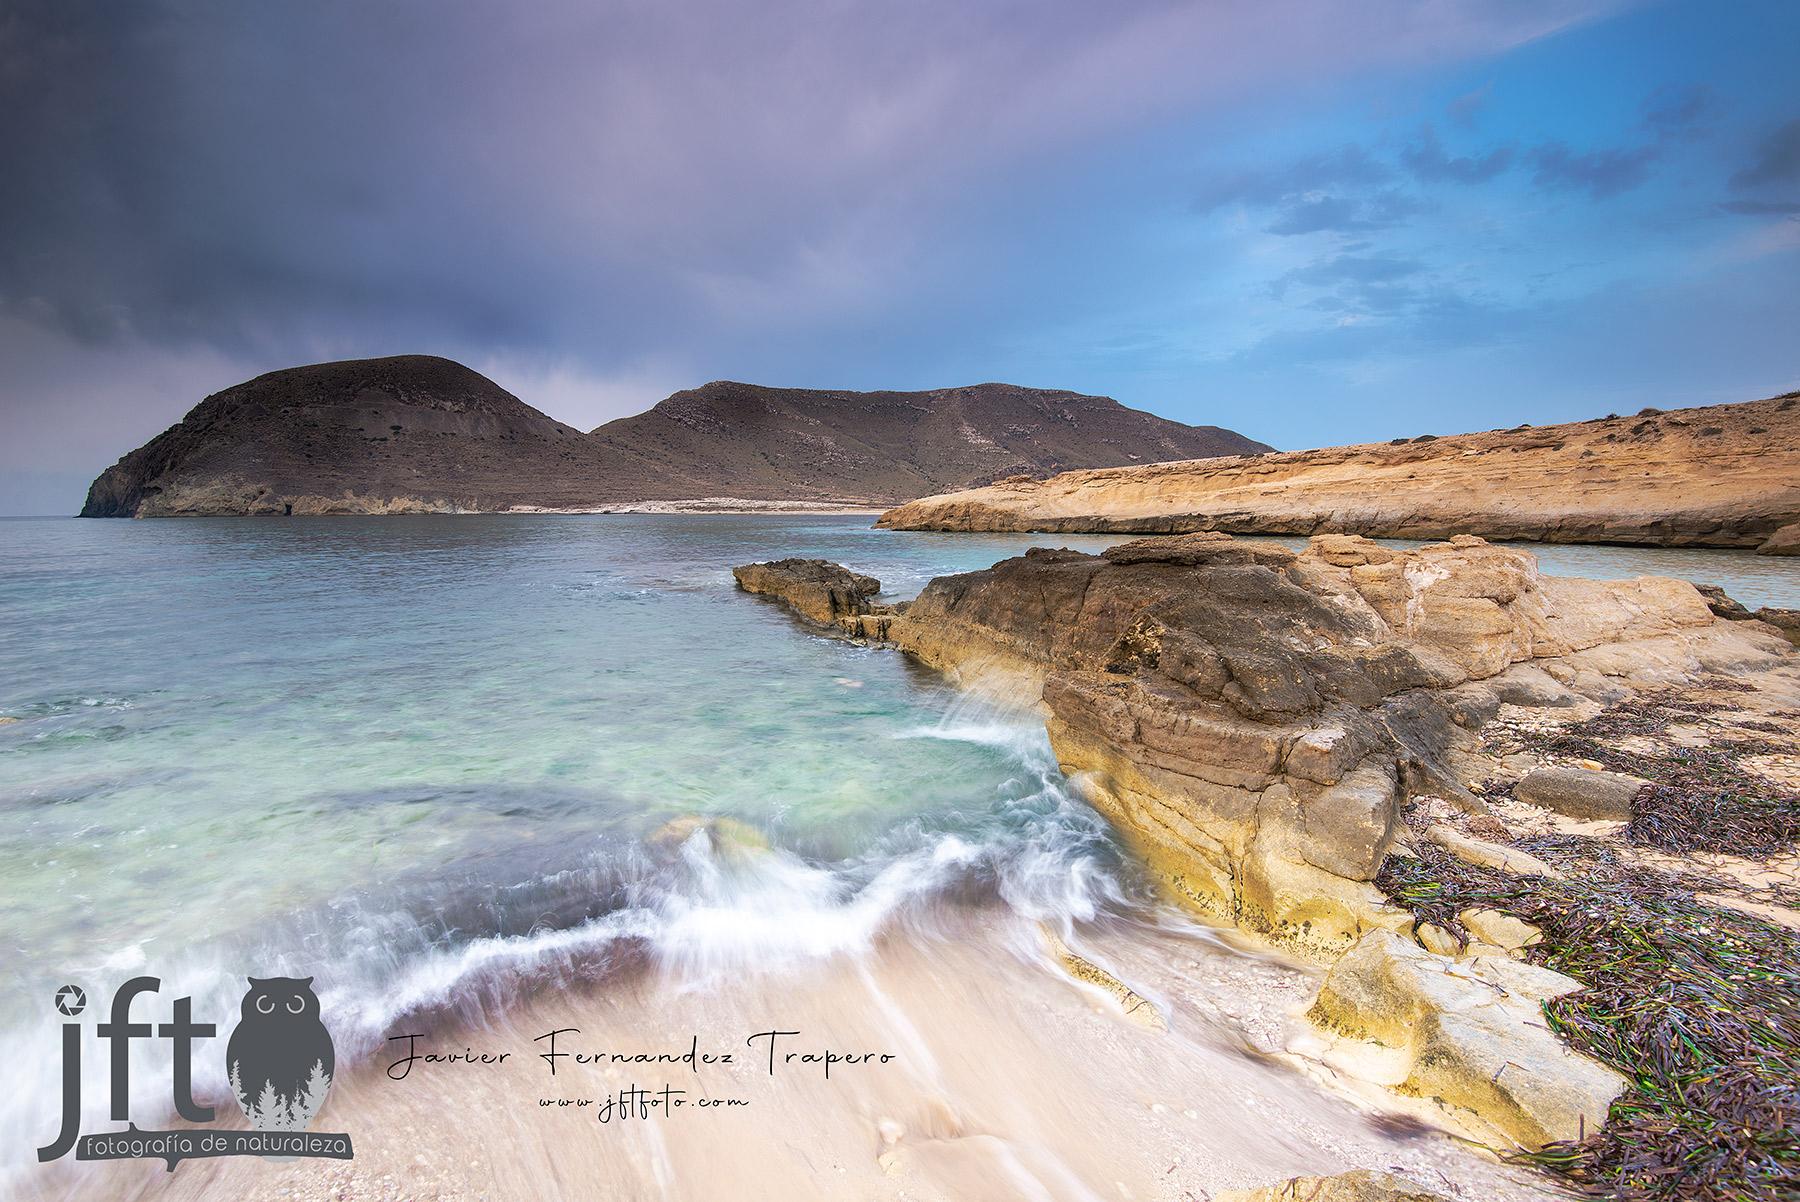 CABO DE GATA - GALERÍA DE PAISAJES. Viaje a Cabo de Gata. Almeria. España. Costa almeriense